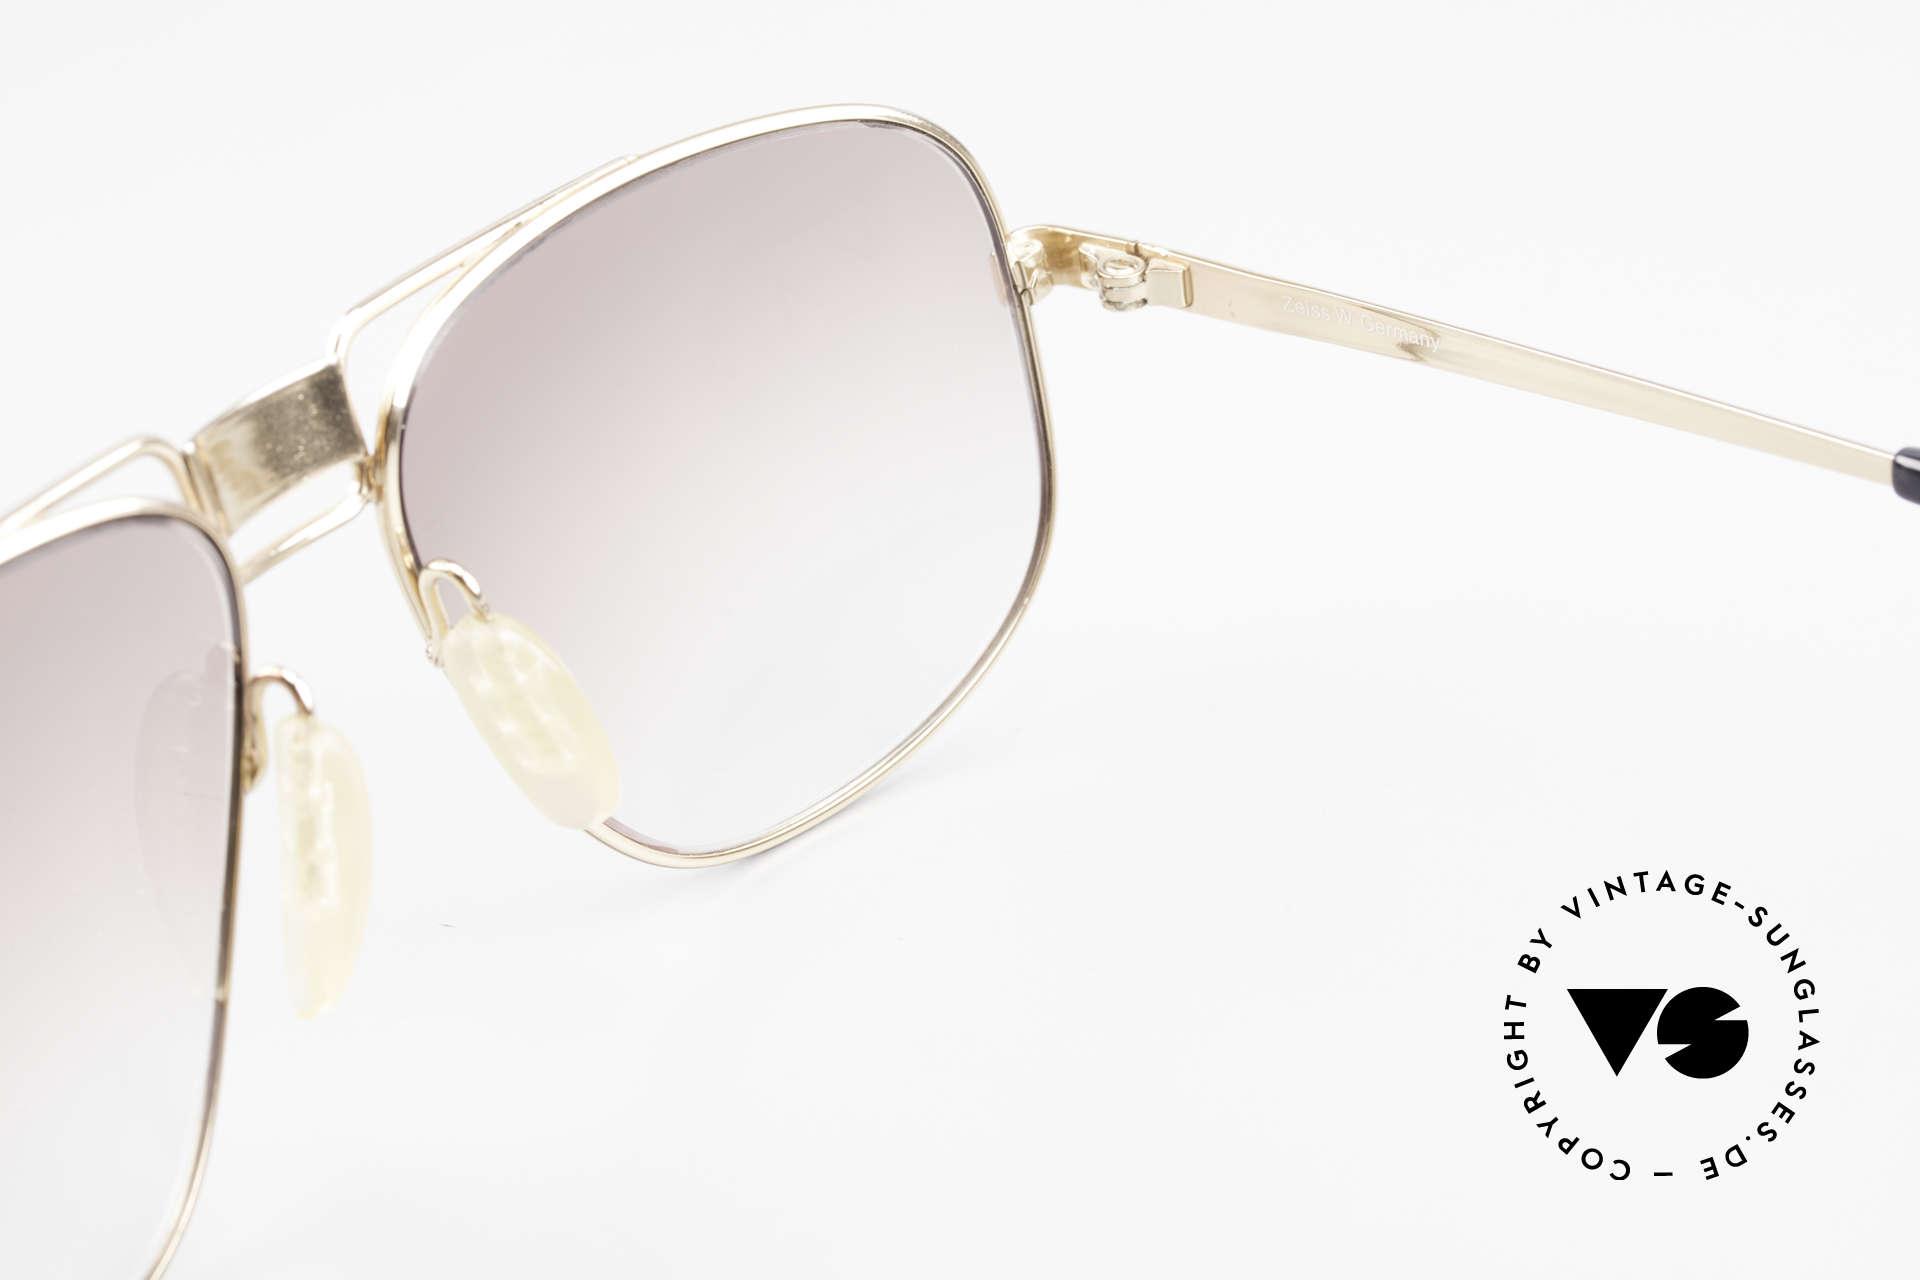 Zeiss 9387 Extra Grosse 80er Herrenbrille, KEINE Retrobrille; ein 30 Jahre altes ORIGINAL!, Passend für Herren